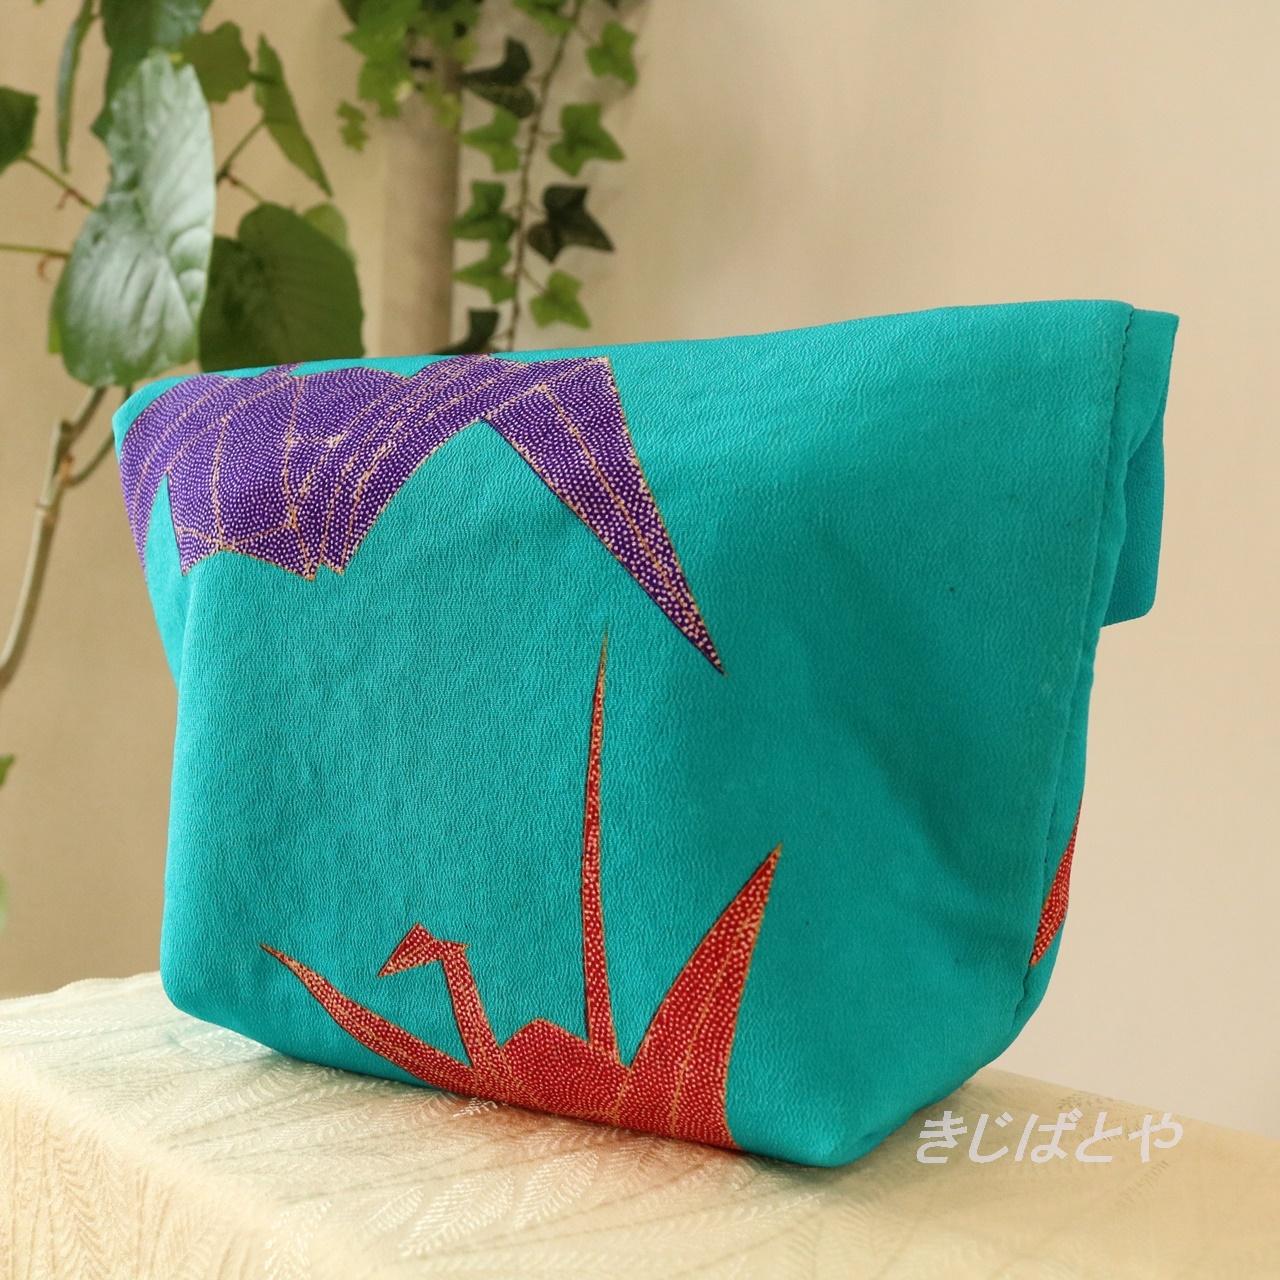 和裁士さんが考えたバッグインバッグ ピーコックブルーに折鶴/フラミンゴ色の更紗